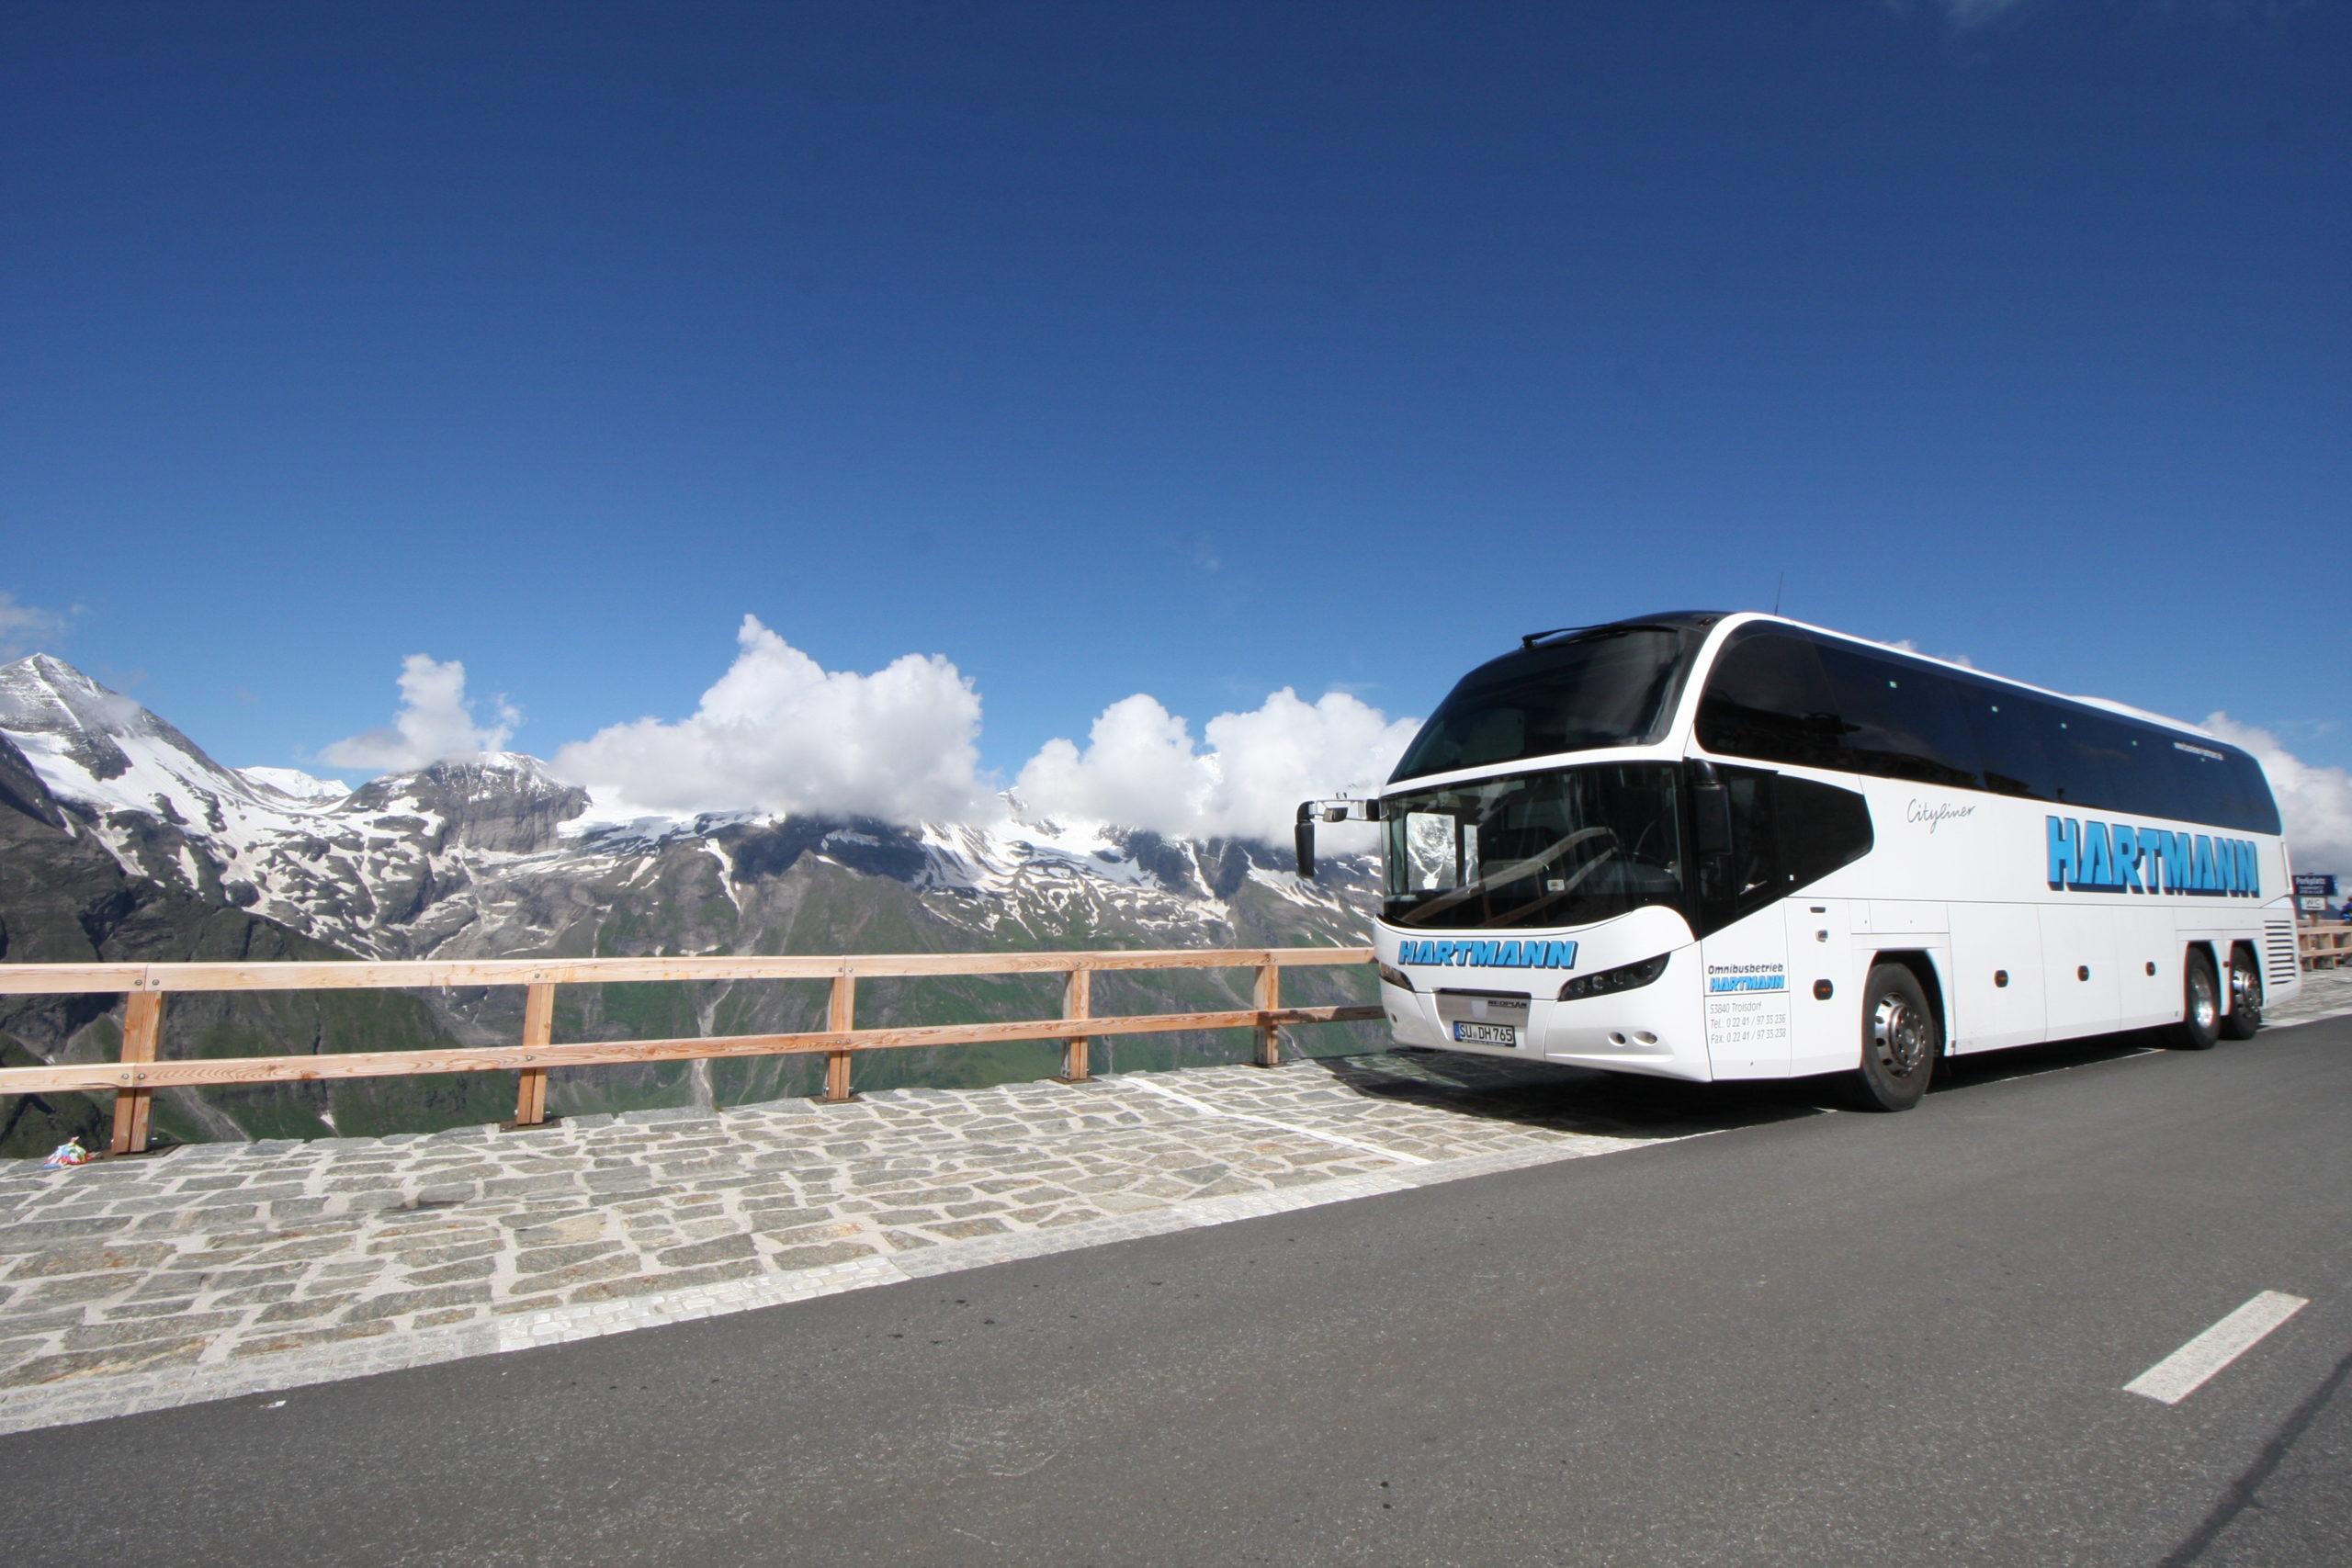 Bus Charter - Reisebus mieten mit Fahrer deutschlandweit